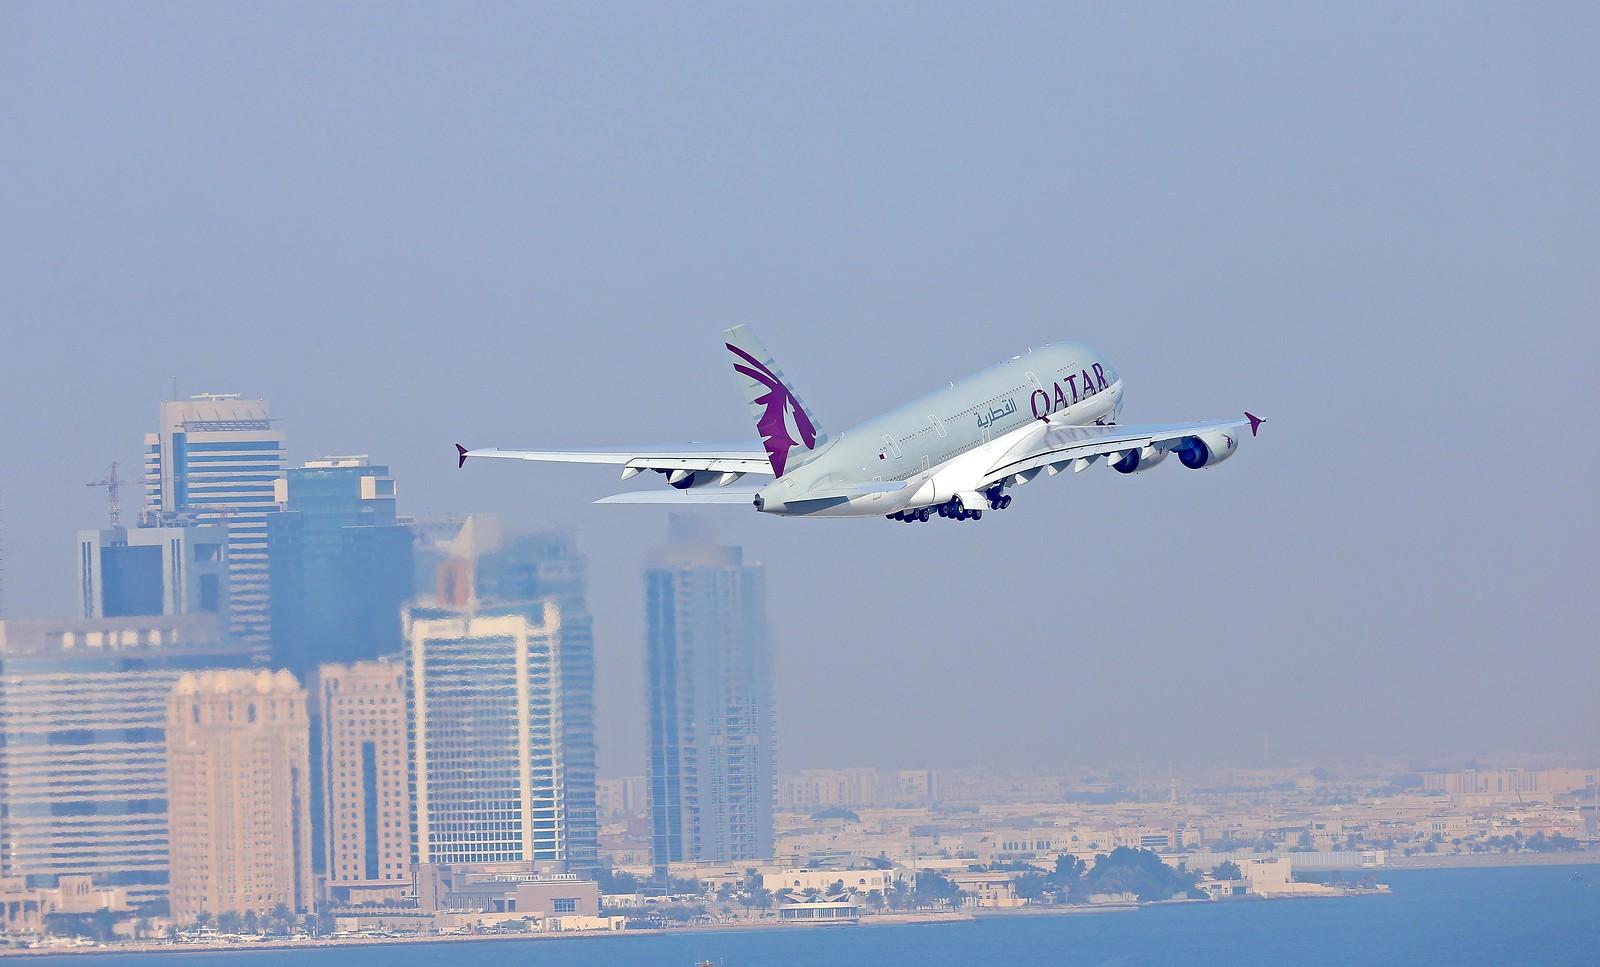 Qatar Airways Year in Review 2016 | Flickr